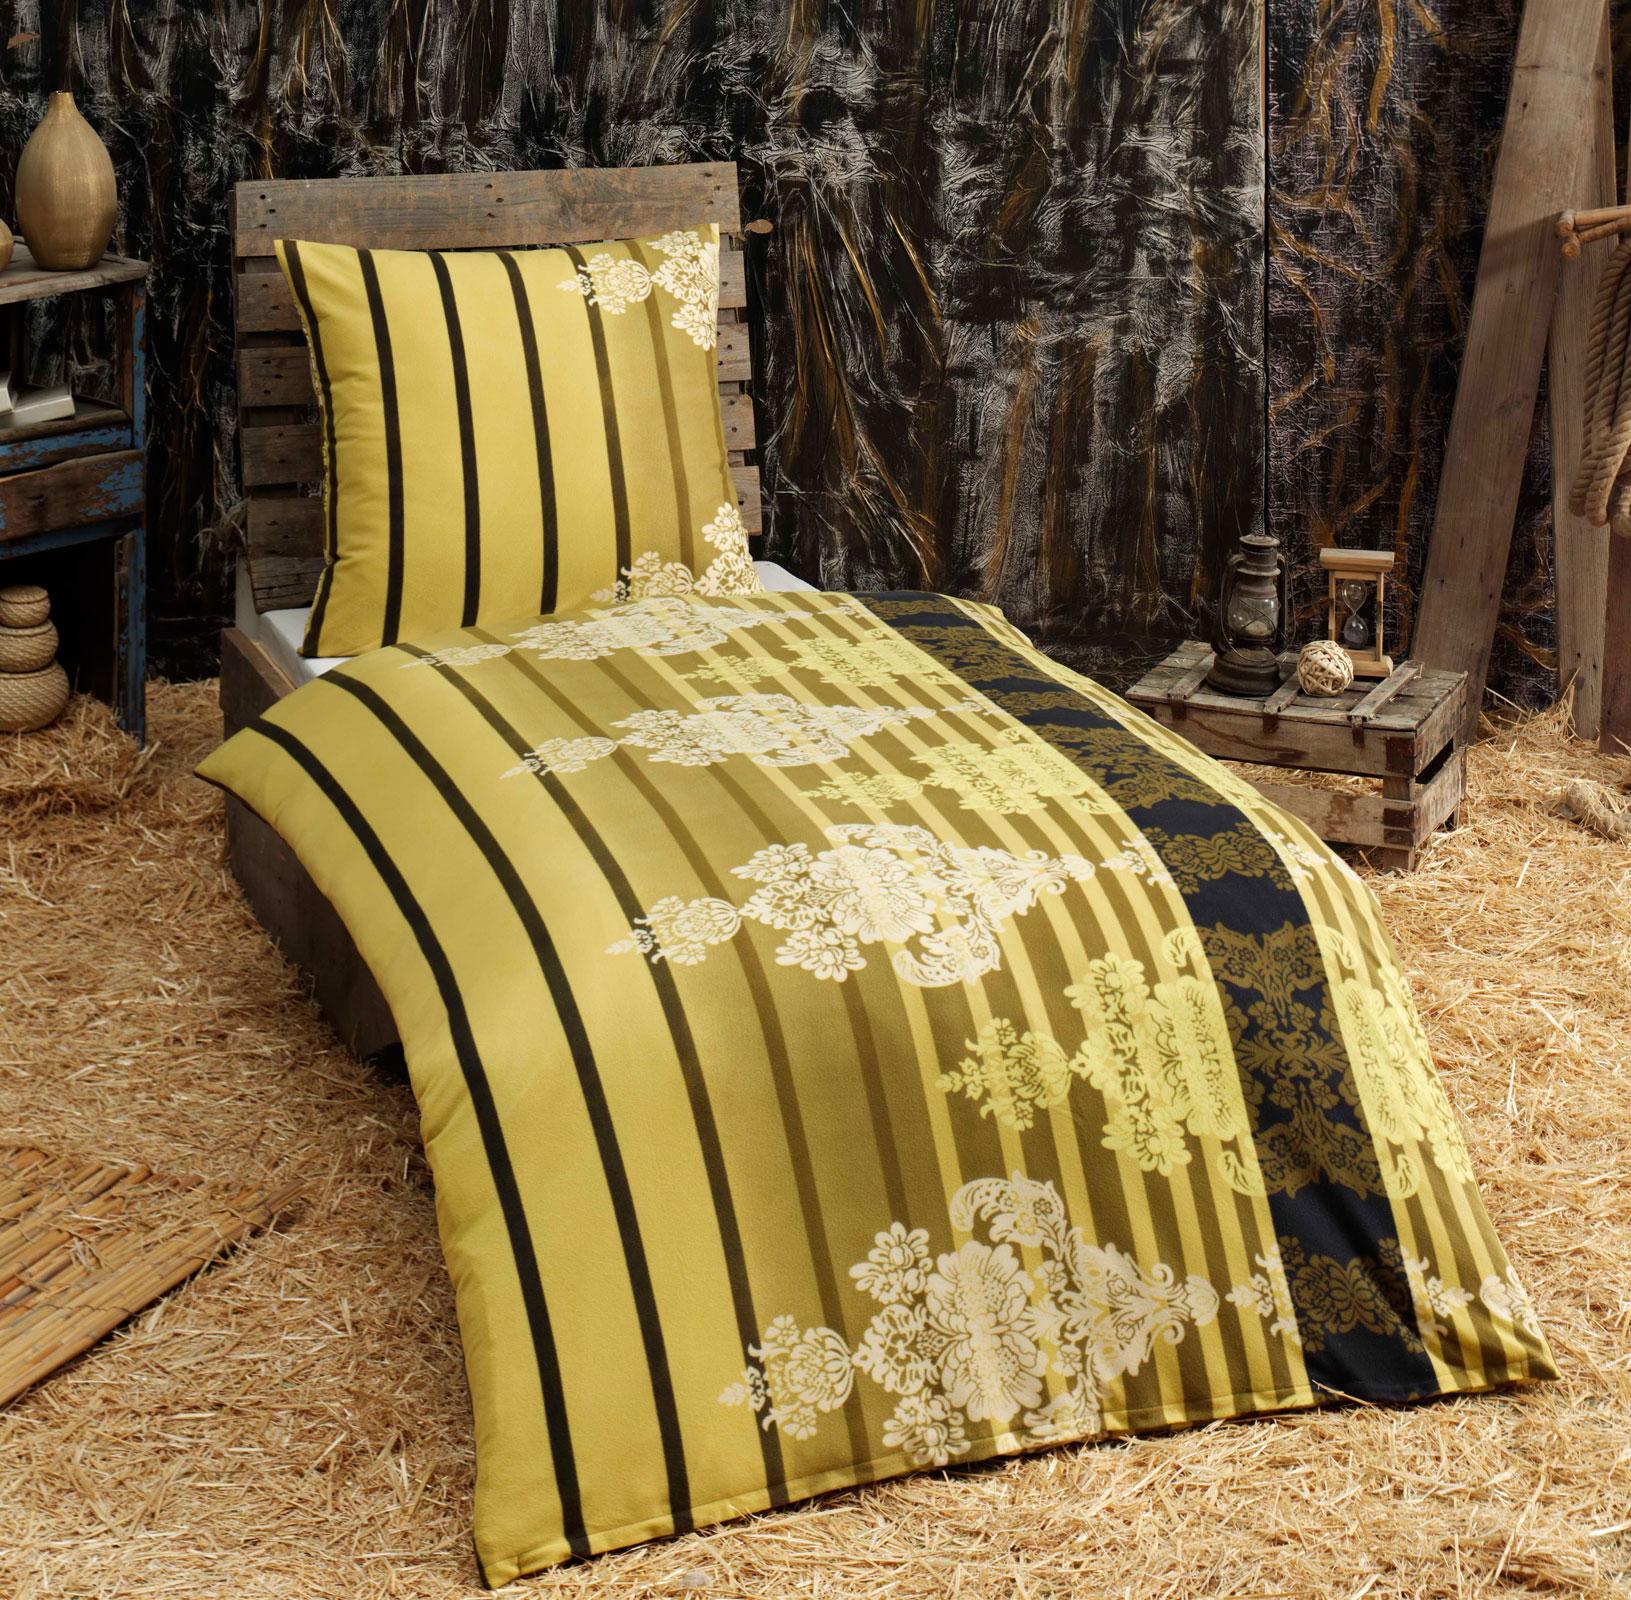 biber bettw sche microfaser flausch 135x200 nadine 409220 ebay. Black Bedroom Furniture Sets. Home Design Ideas